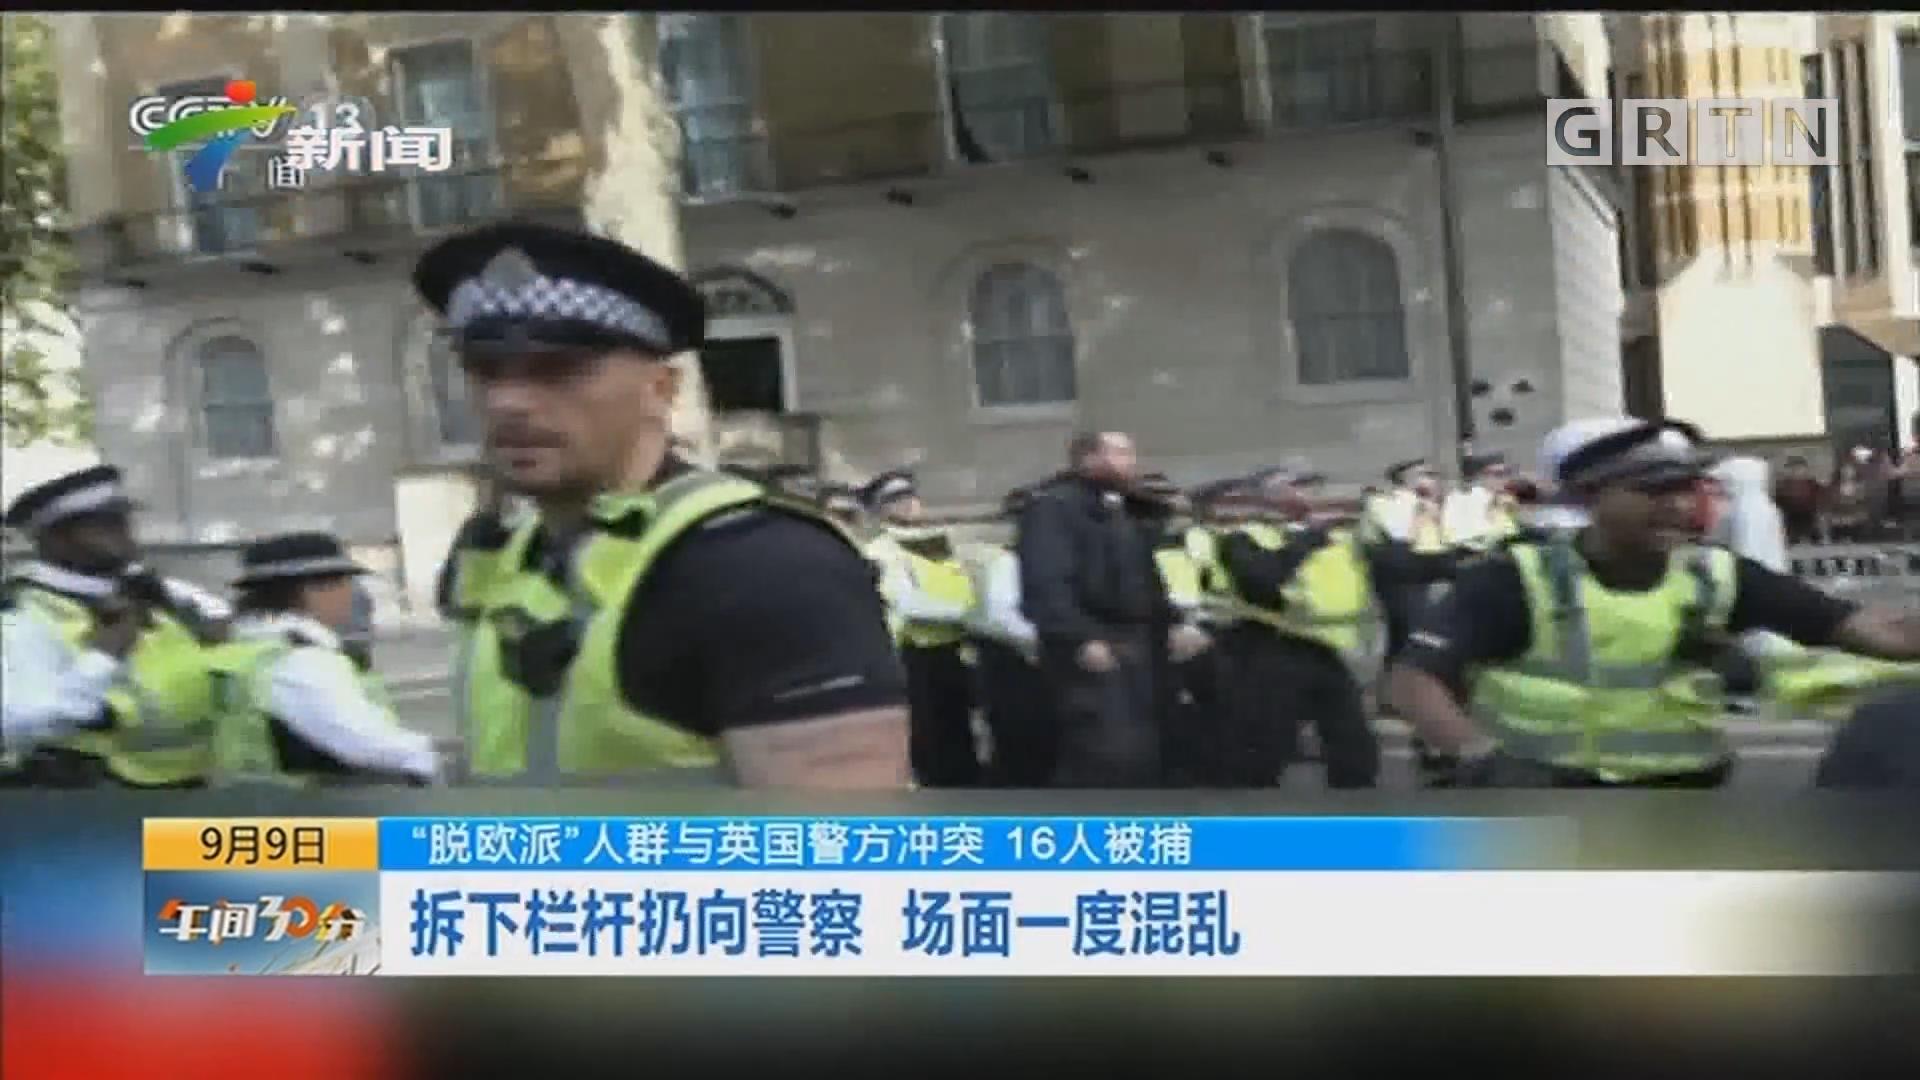 """""""脱欧派""""人群与英国警方冲突 16人被捕 拆下栏杆扔向警察 场面一度混乱"""